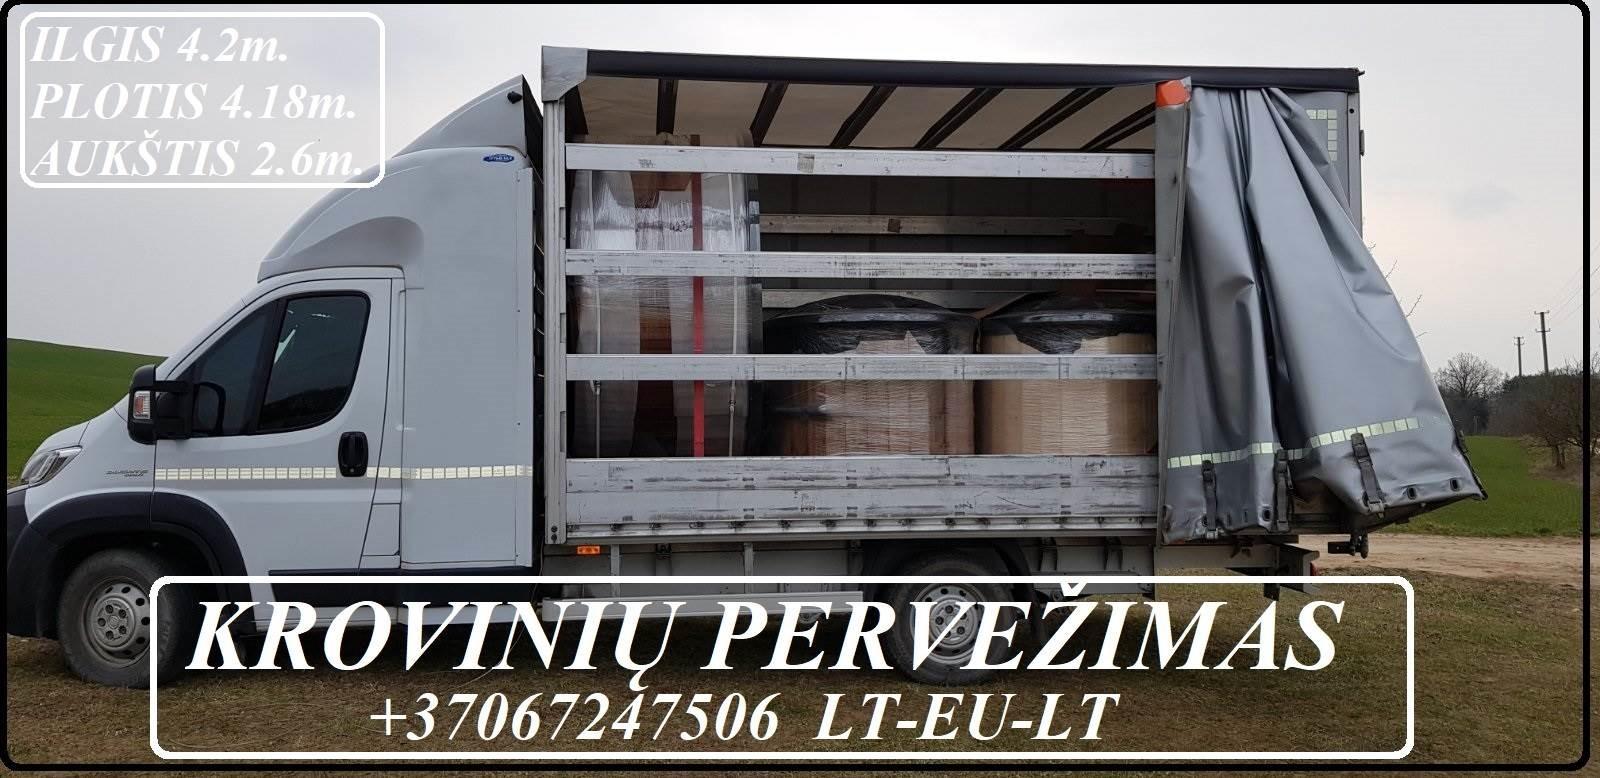 VORIS, UAB ( Kroviniu Pervezimas - Gabenimas / Perkraustymas )  Krovinių Pervežimas Tentiniu Mikroautobusiuku ( daliniai / pilni kroviniai ) ,  LIETUV